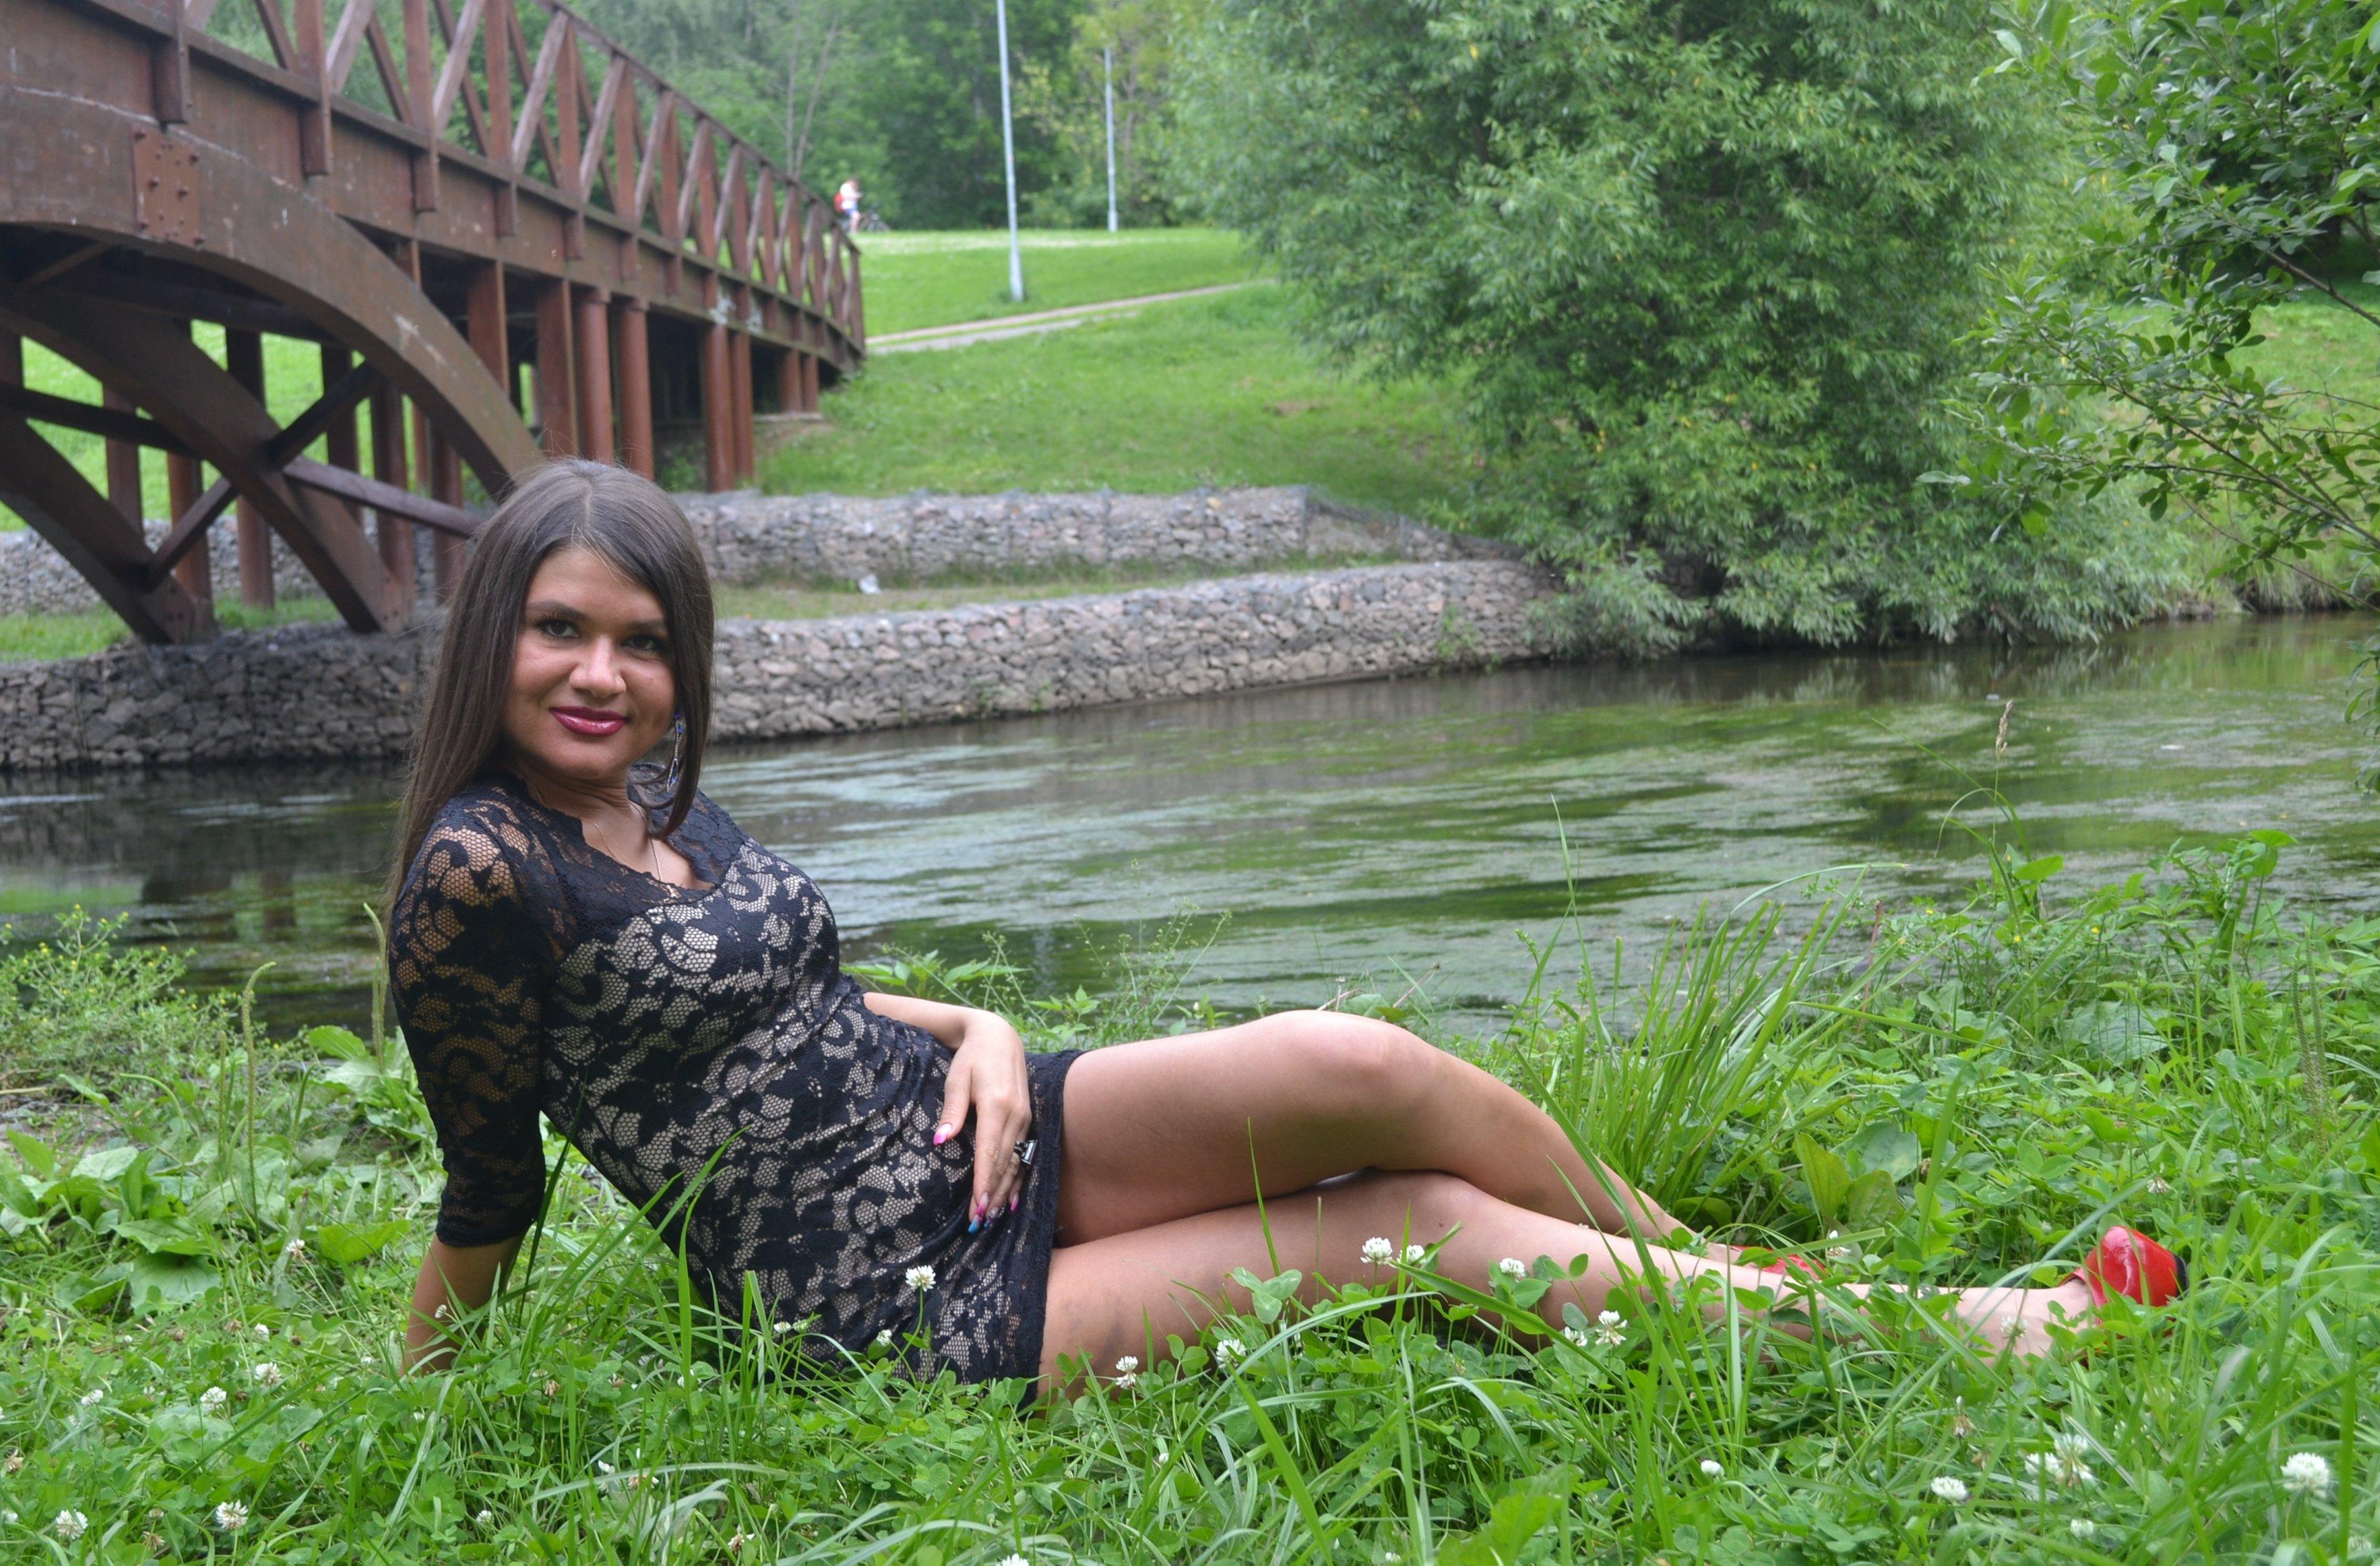 Индивидуалки в новгороде проститутки рассказовка